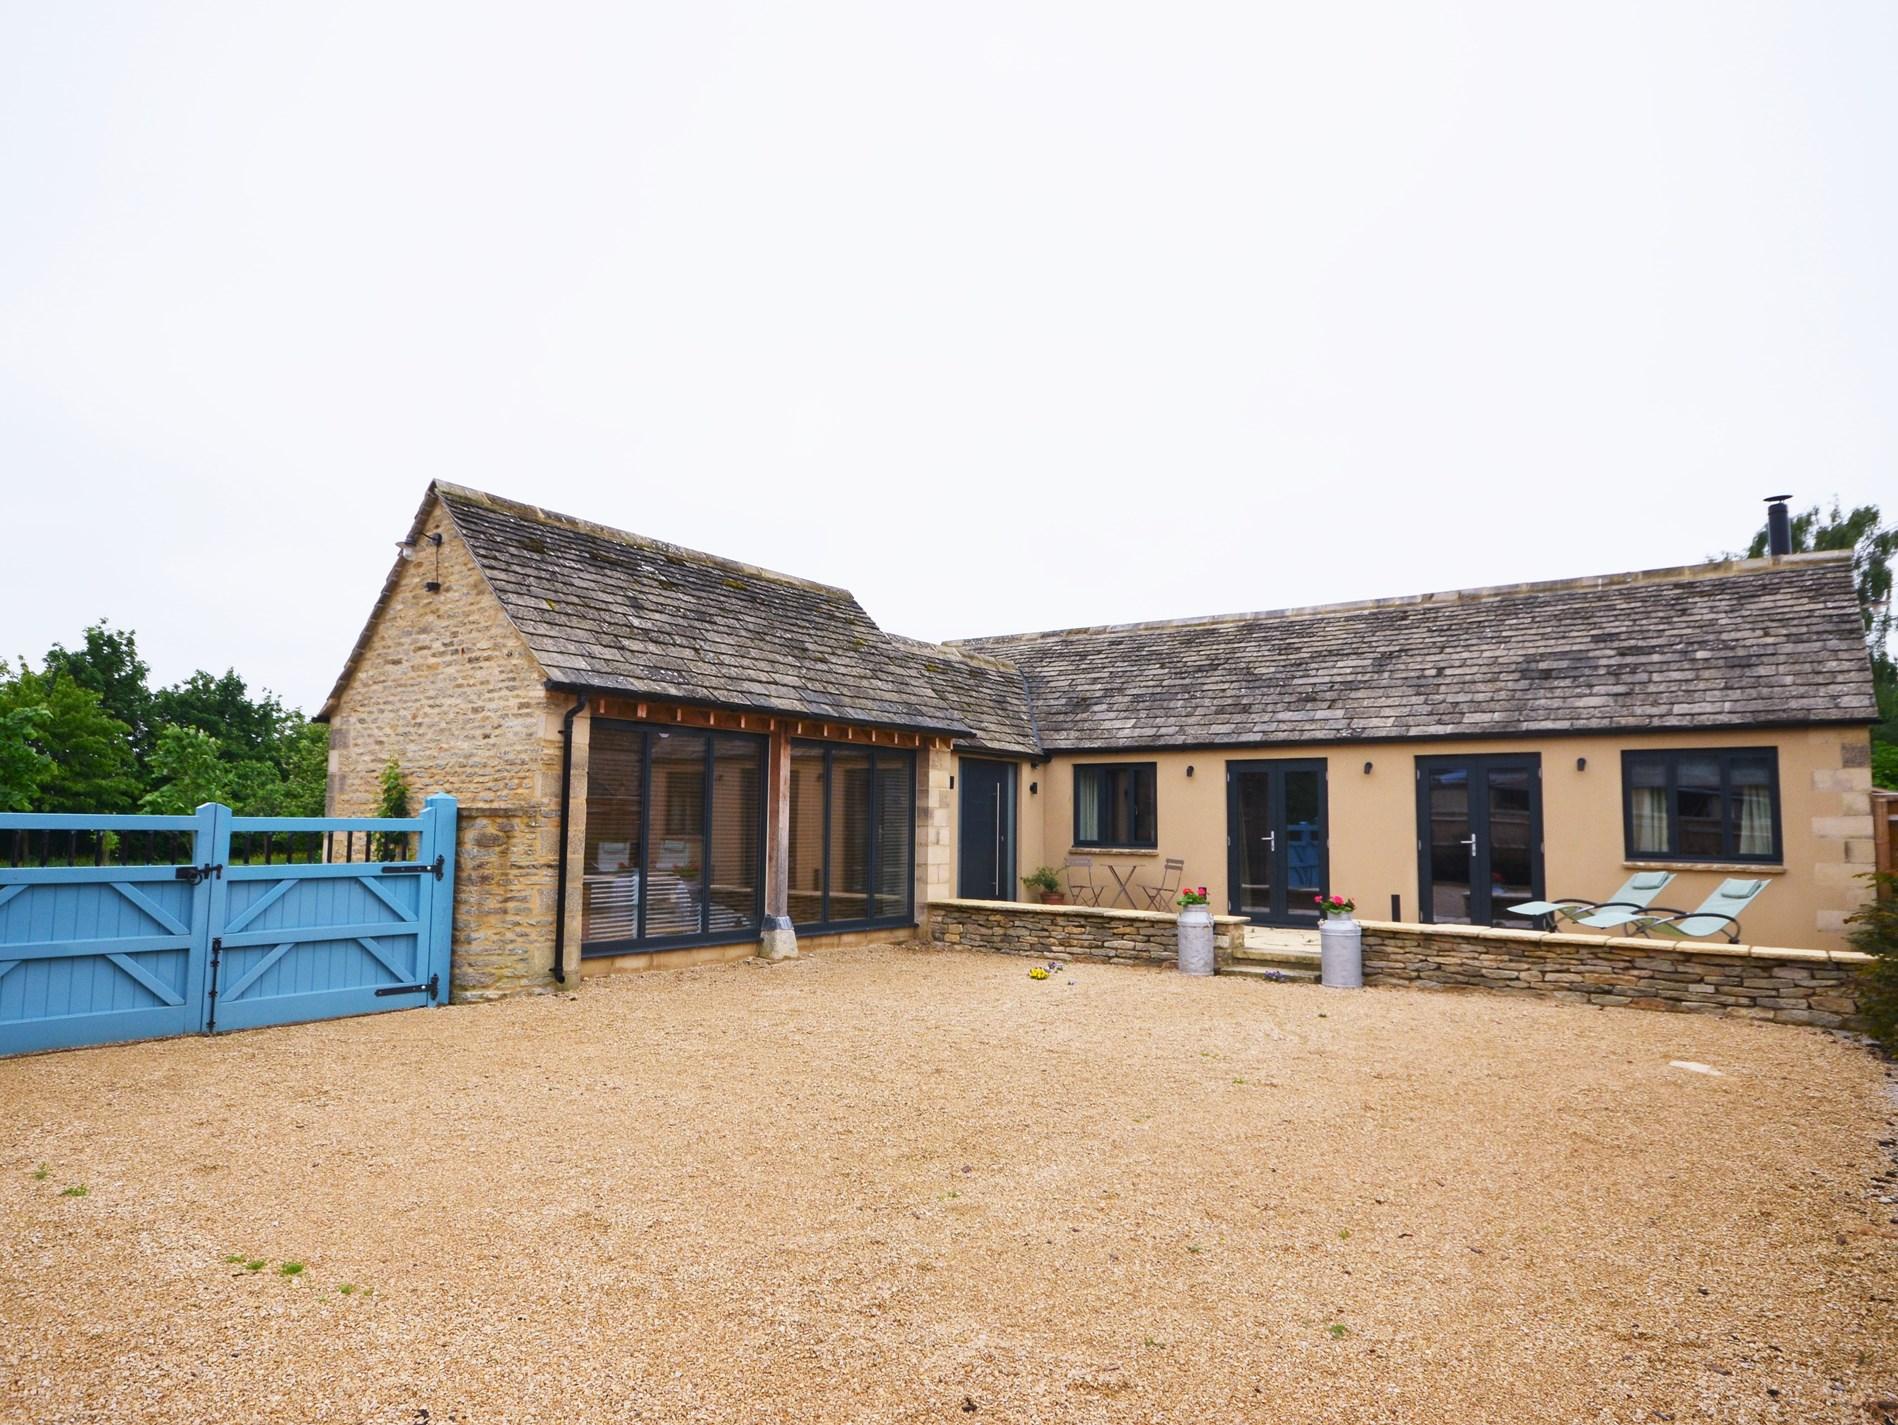 Ferienhaus in Lechlade